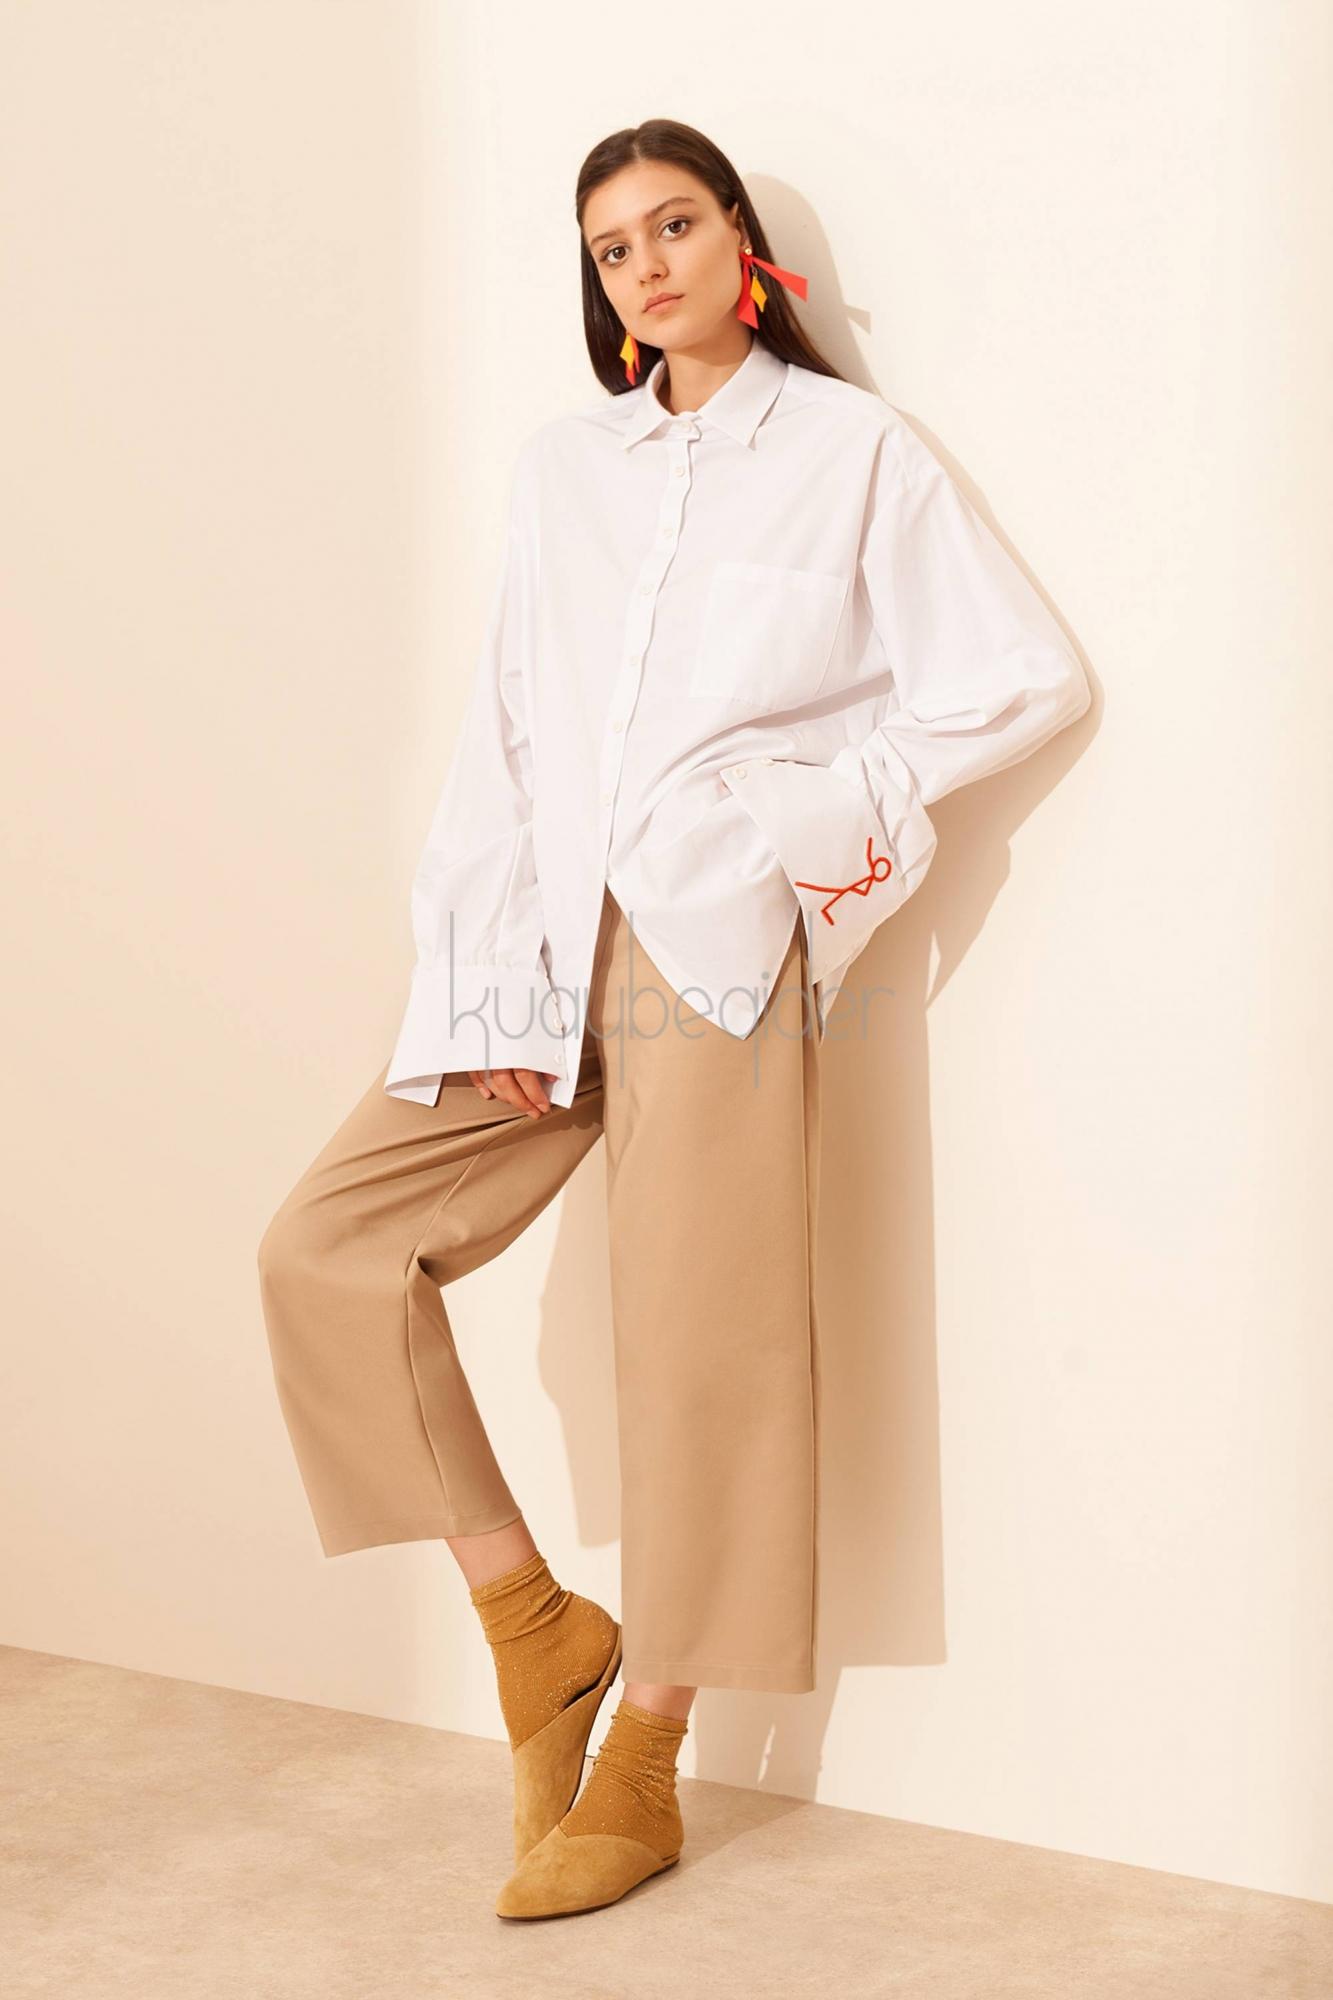 Kuaybe Gider - Yolo Coton Gömlek